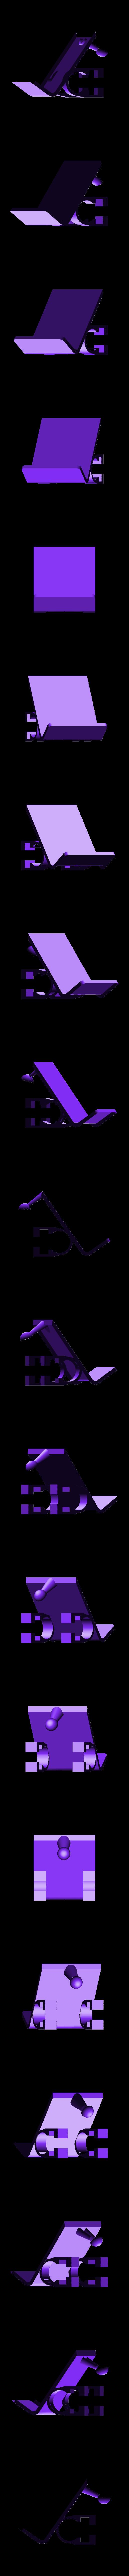 bracket.stl Télécharger fichier STL gratuit Support Pi framboise 2020 avec support pour appareil photo • Objet pour impression 3D, kotzas